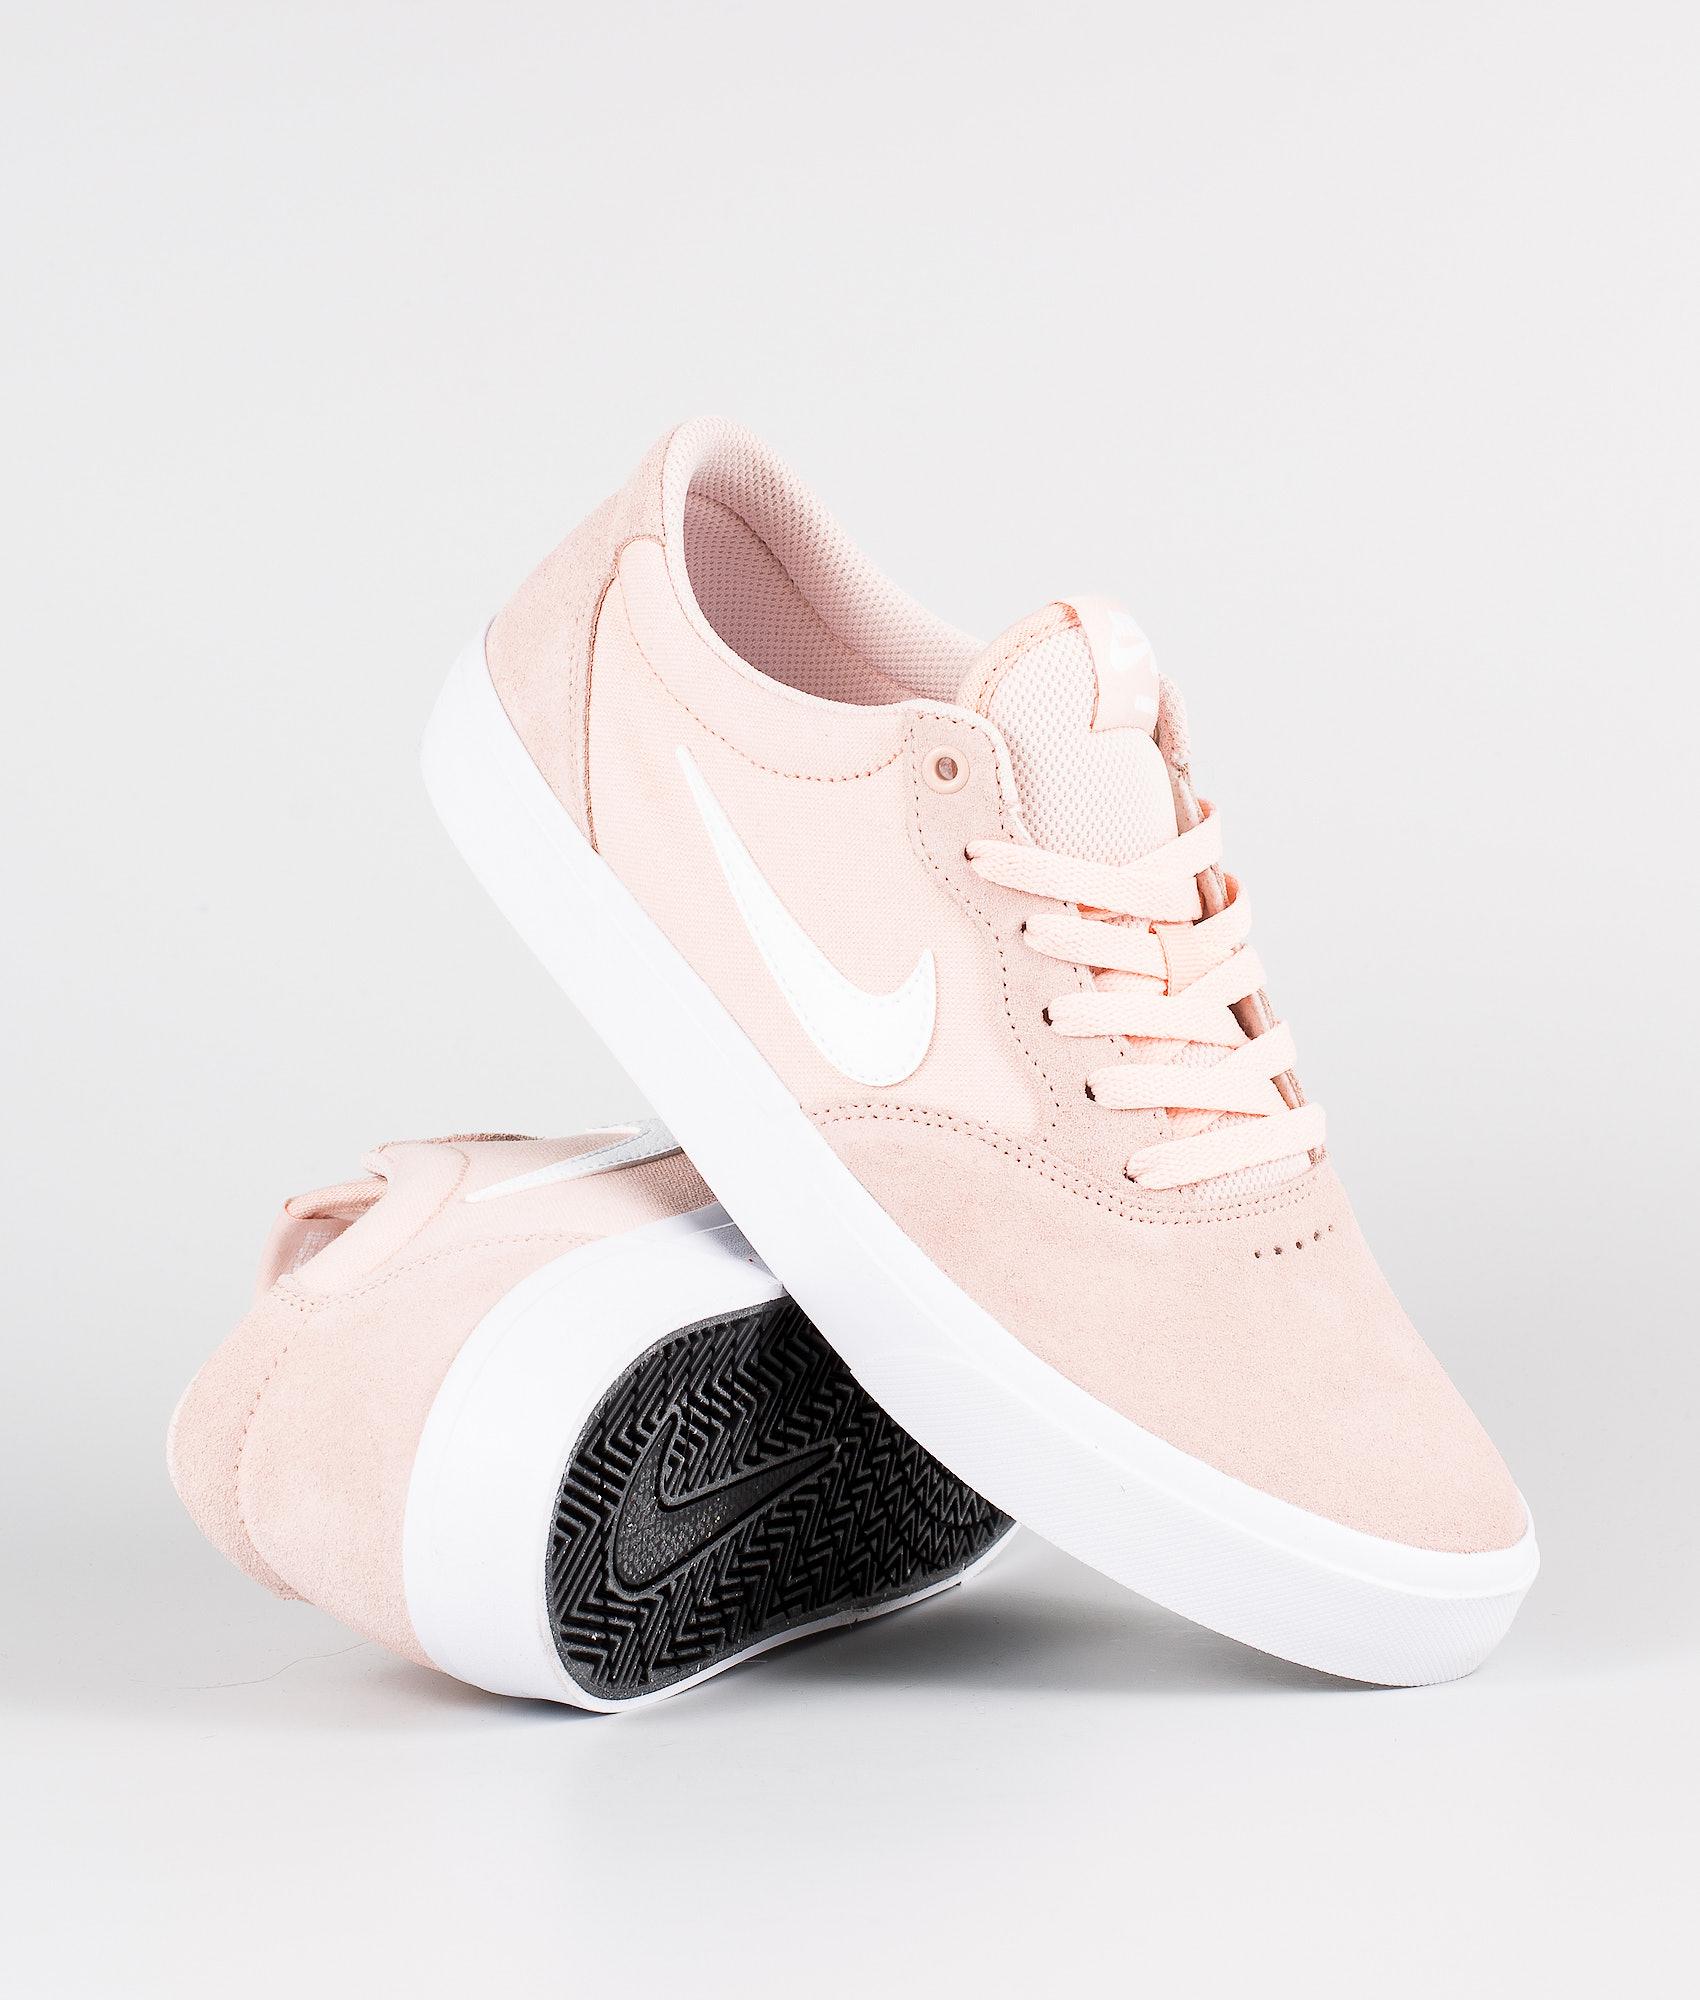 hot sale online 55806 d2d6a Nike SB Chron SLR Shoes Black White - Ridestore.com